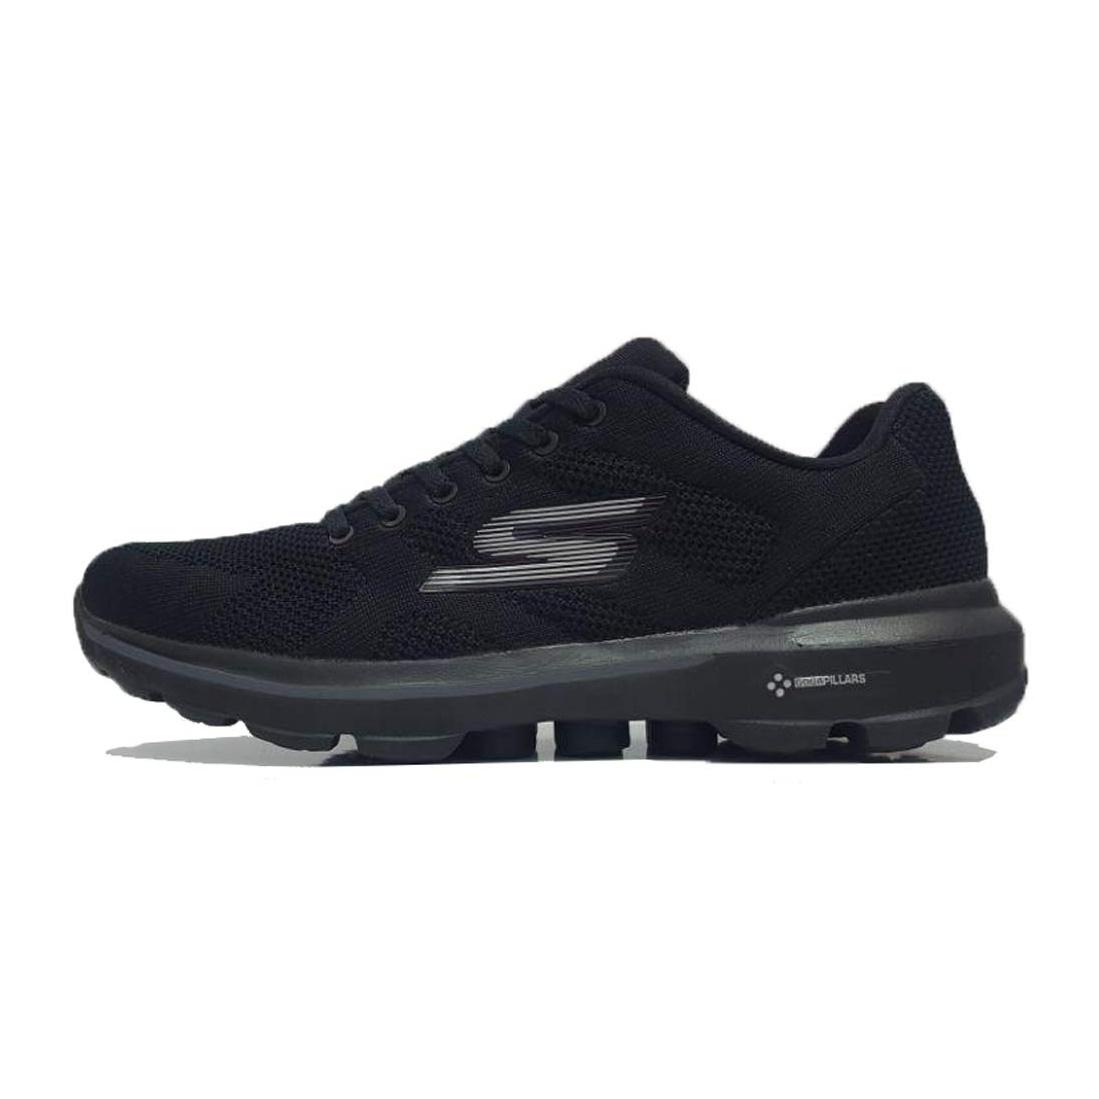 فروش کفش مخصوص پیاده روی مردانه اسکچرز مدل GO WALK 3 PILARS-BLAK